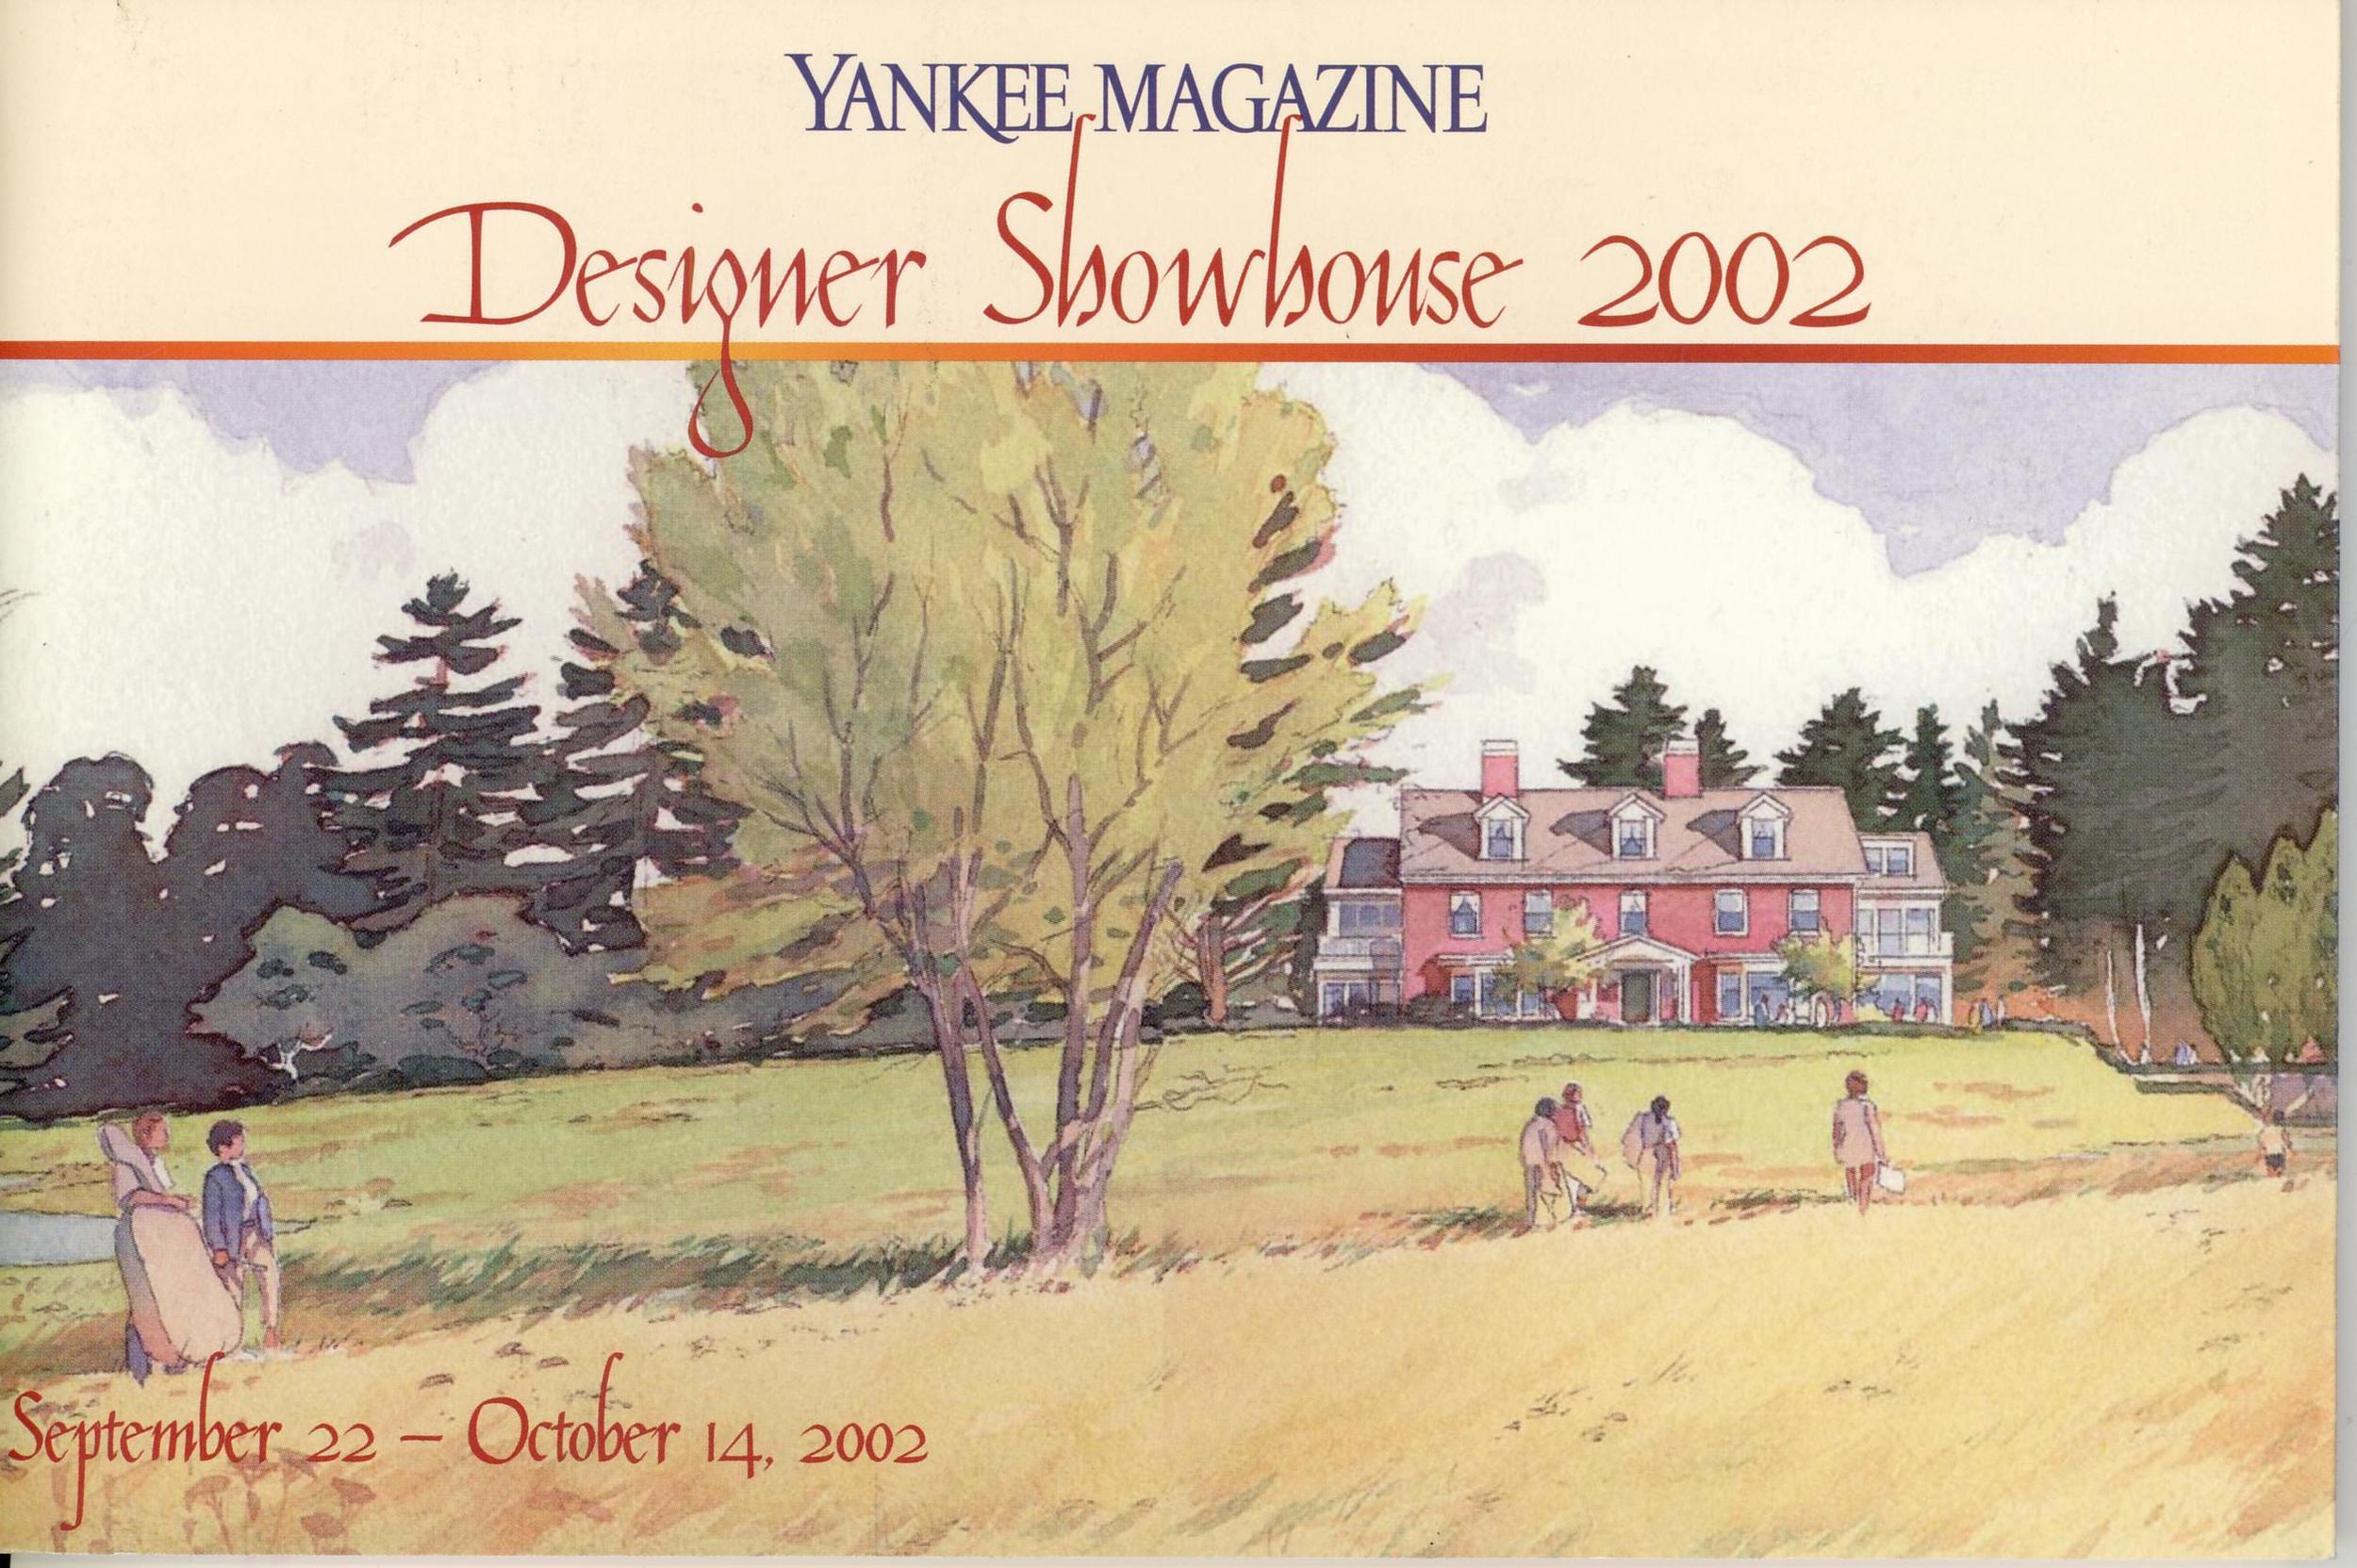 Yankee Mag Showhs0001.JPG